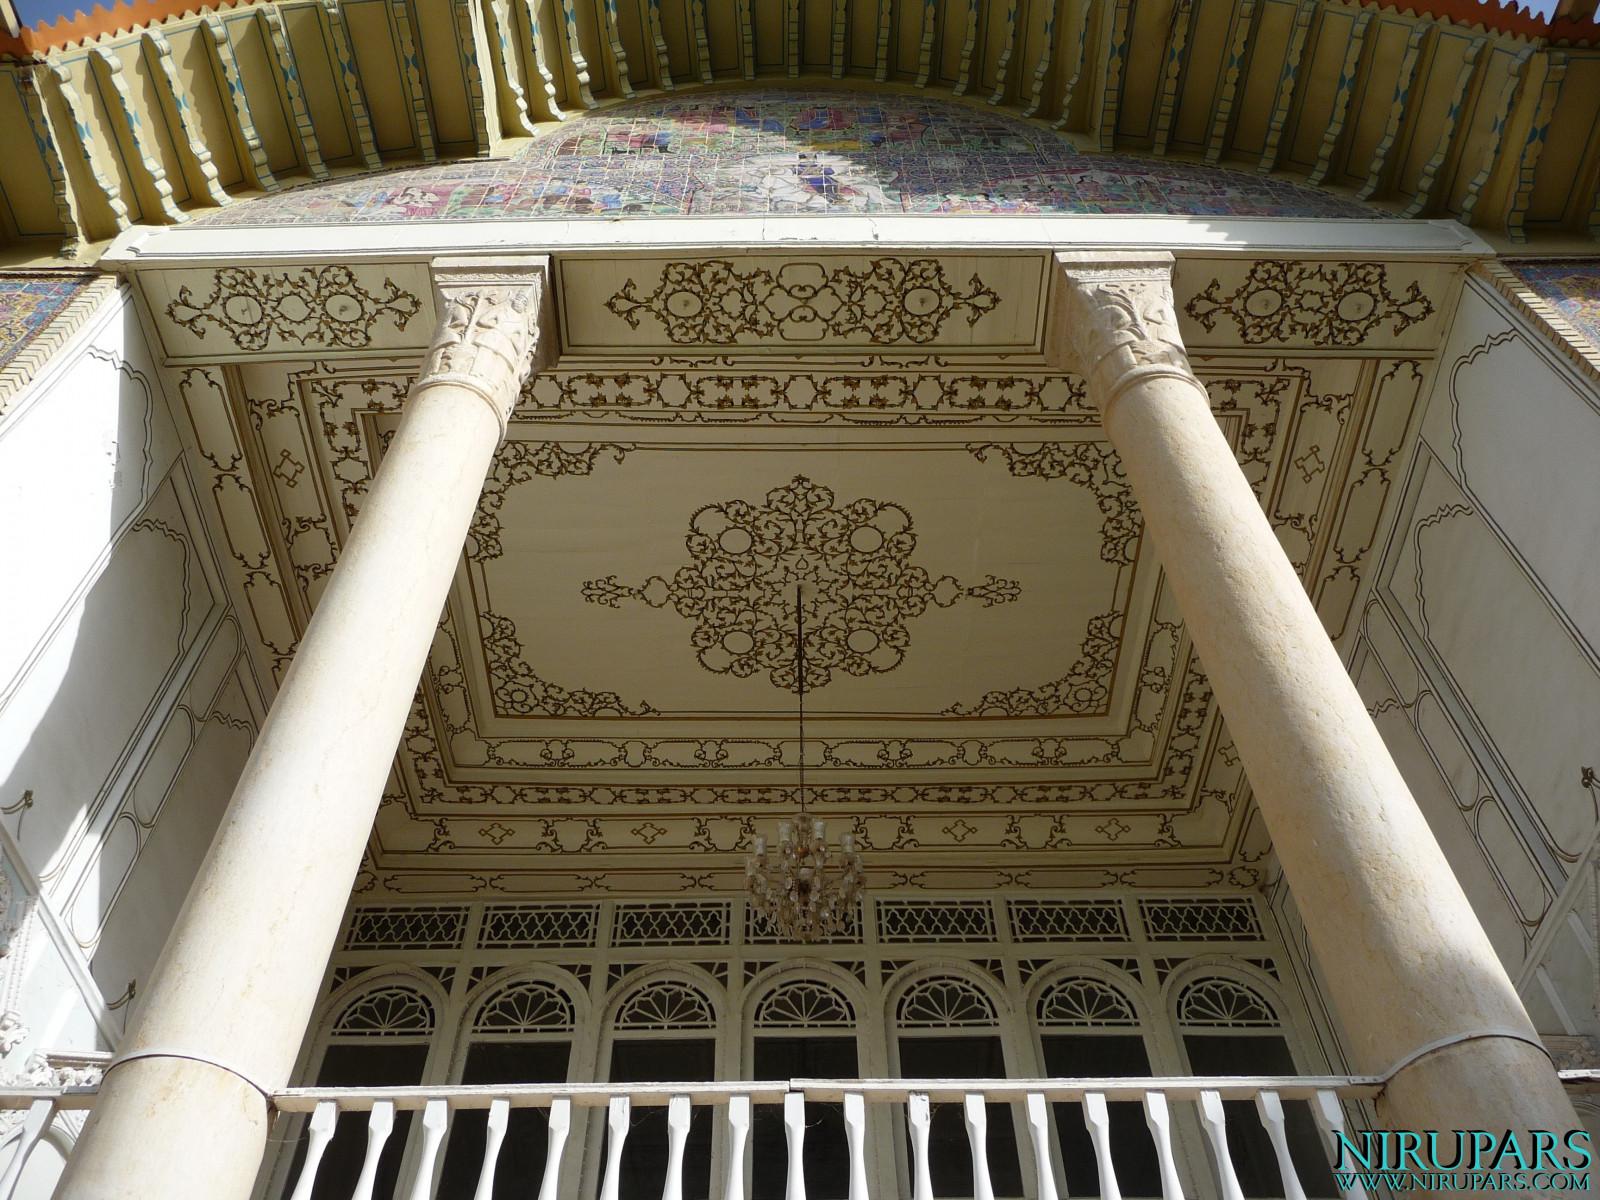 Baq-e Eram - Building - Main Terrace